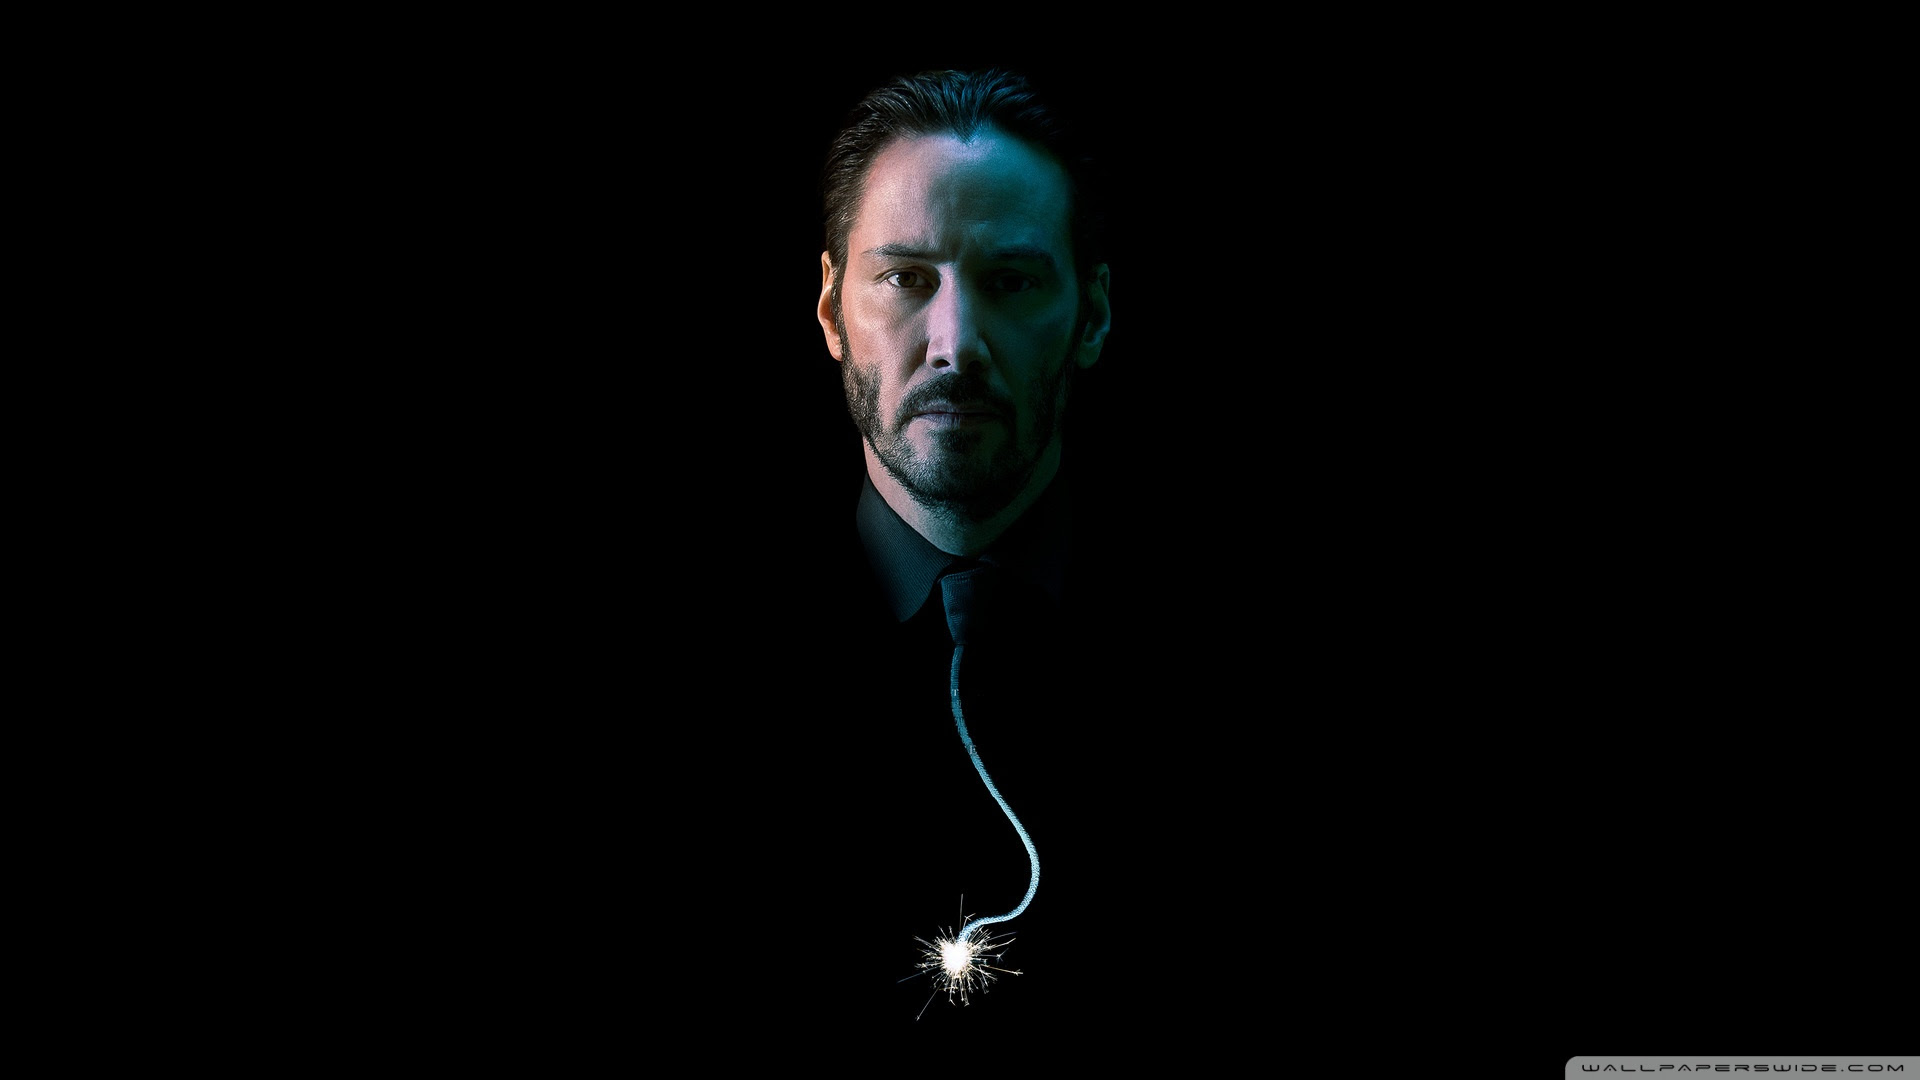 Keanu Reeves John Wick Chapter 2 Ultra Hd Desktop Background